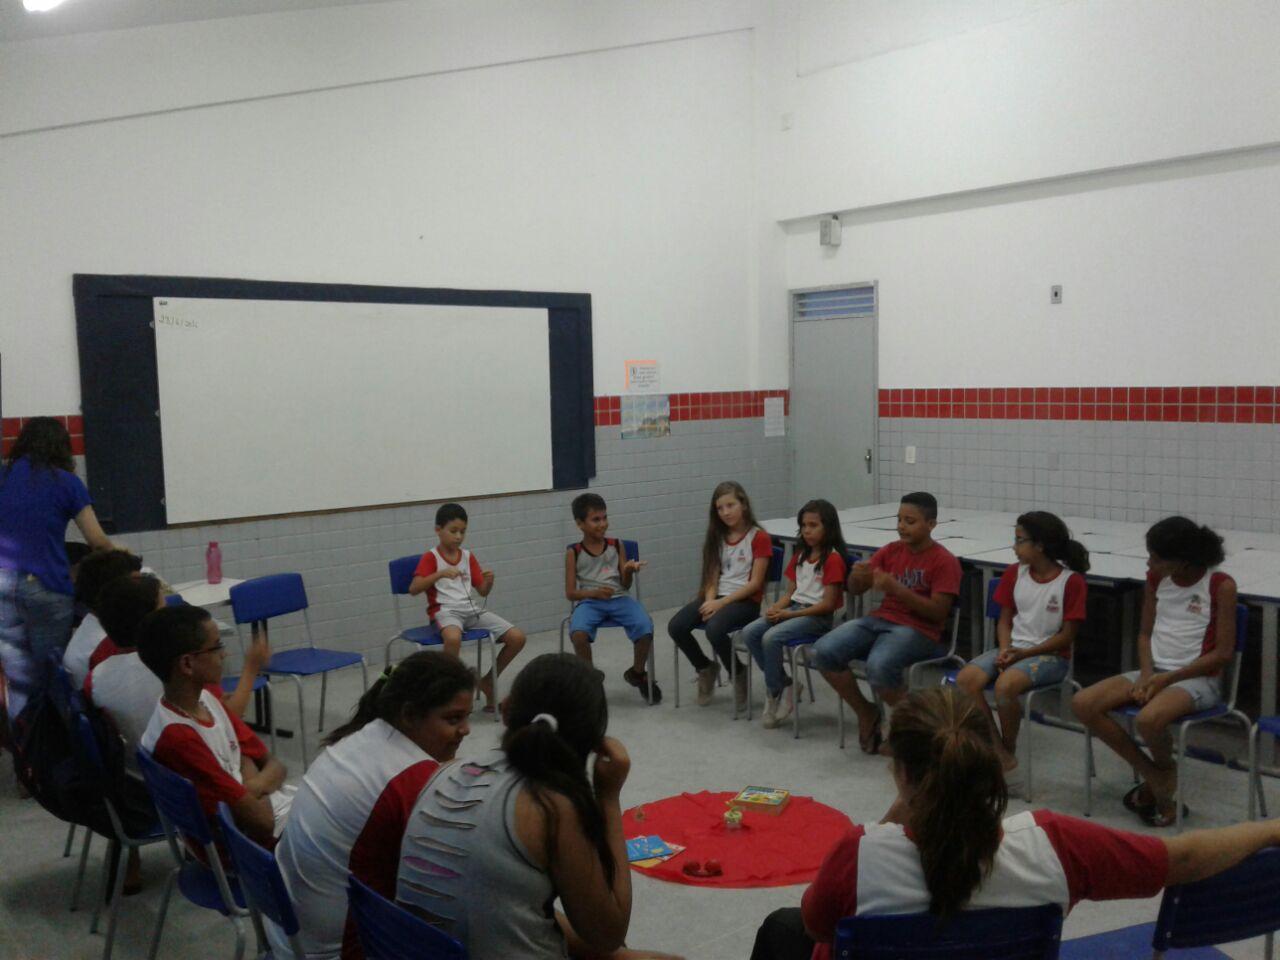 Comissão de Mediação e Arbitragem realiza atividades do projeto 'Mediação Escolar' na escola Leonel Brizola